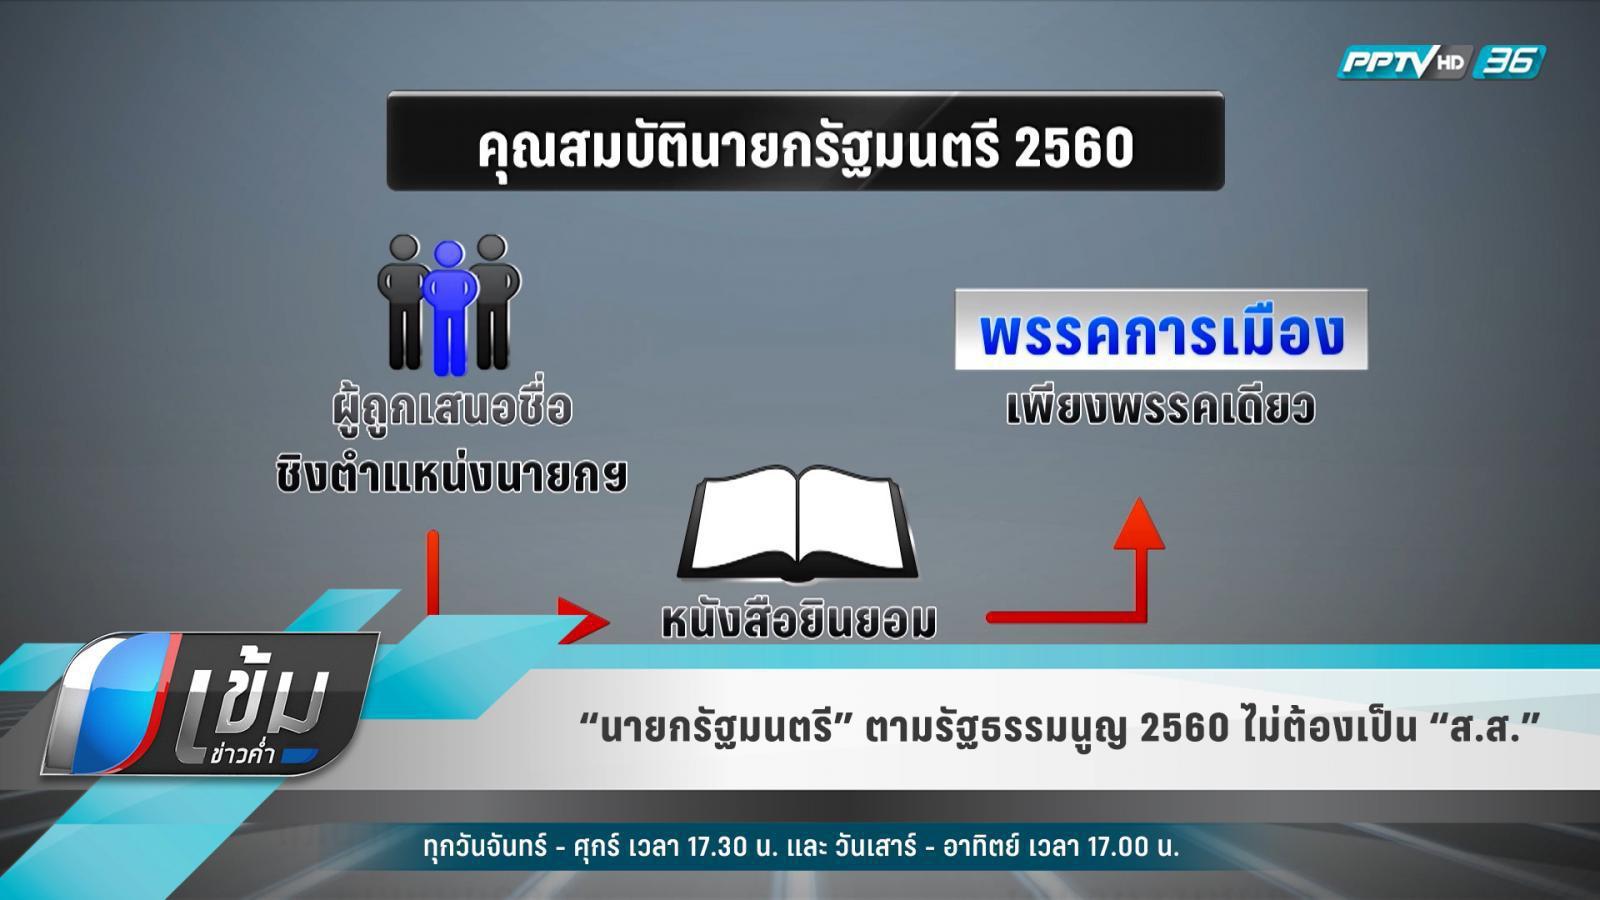 """""""นายกรัฐมนตรี"""" ตามรัฐธรรมนูญ 2560 ไม่ต้องเป็น """"ส.ส."""""""